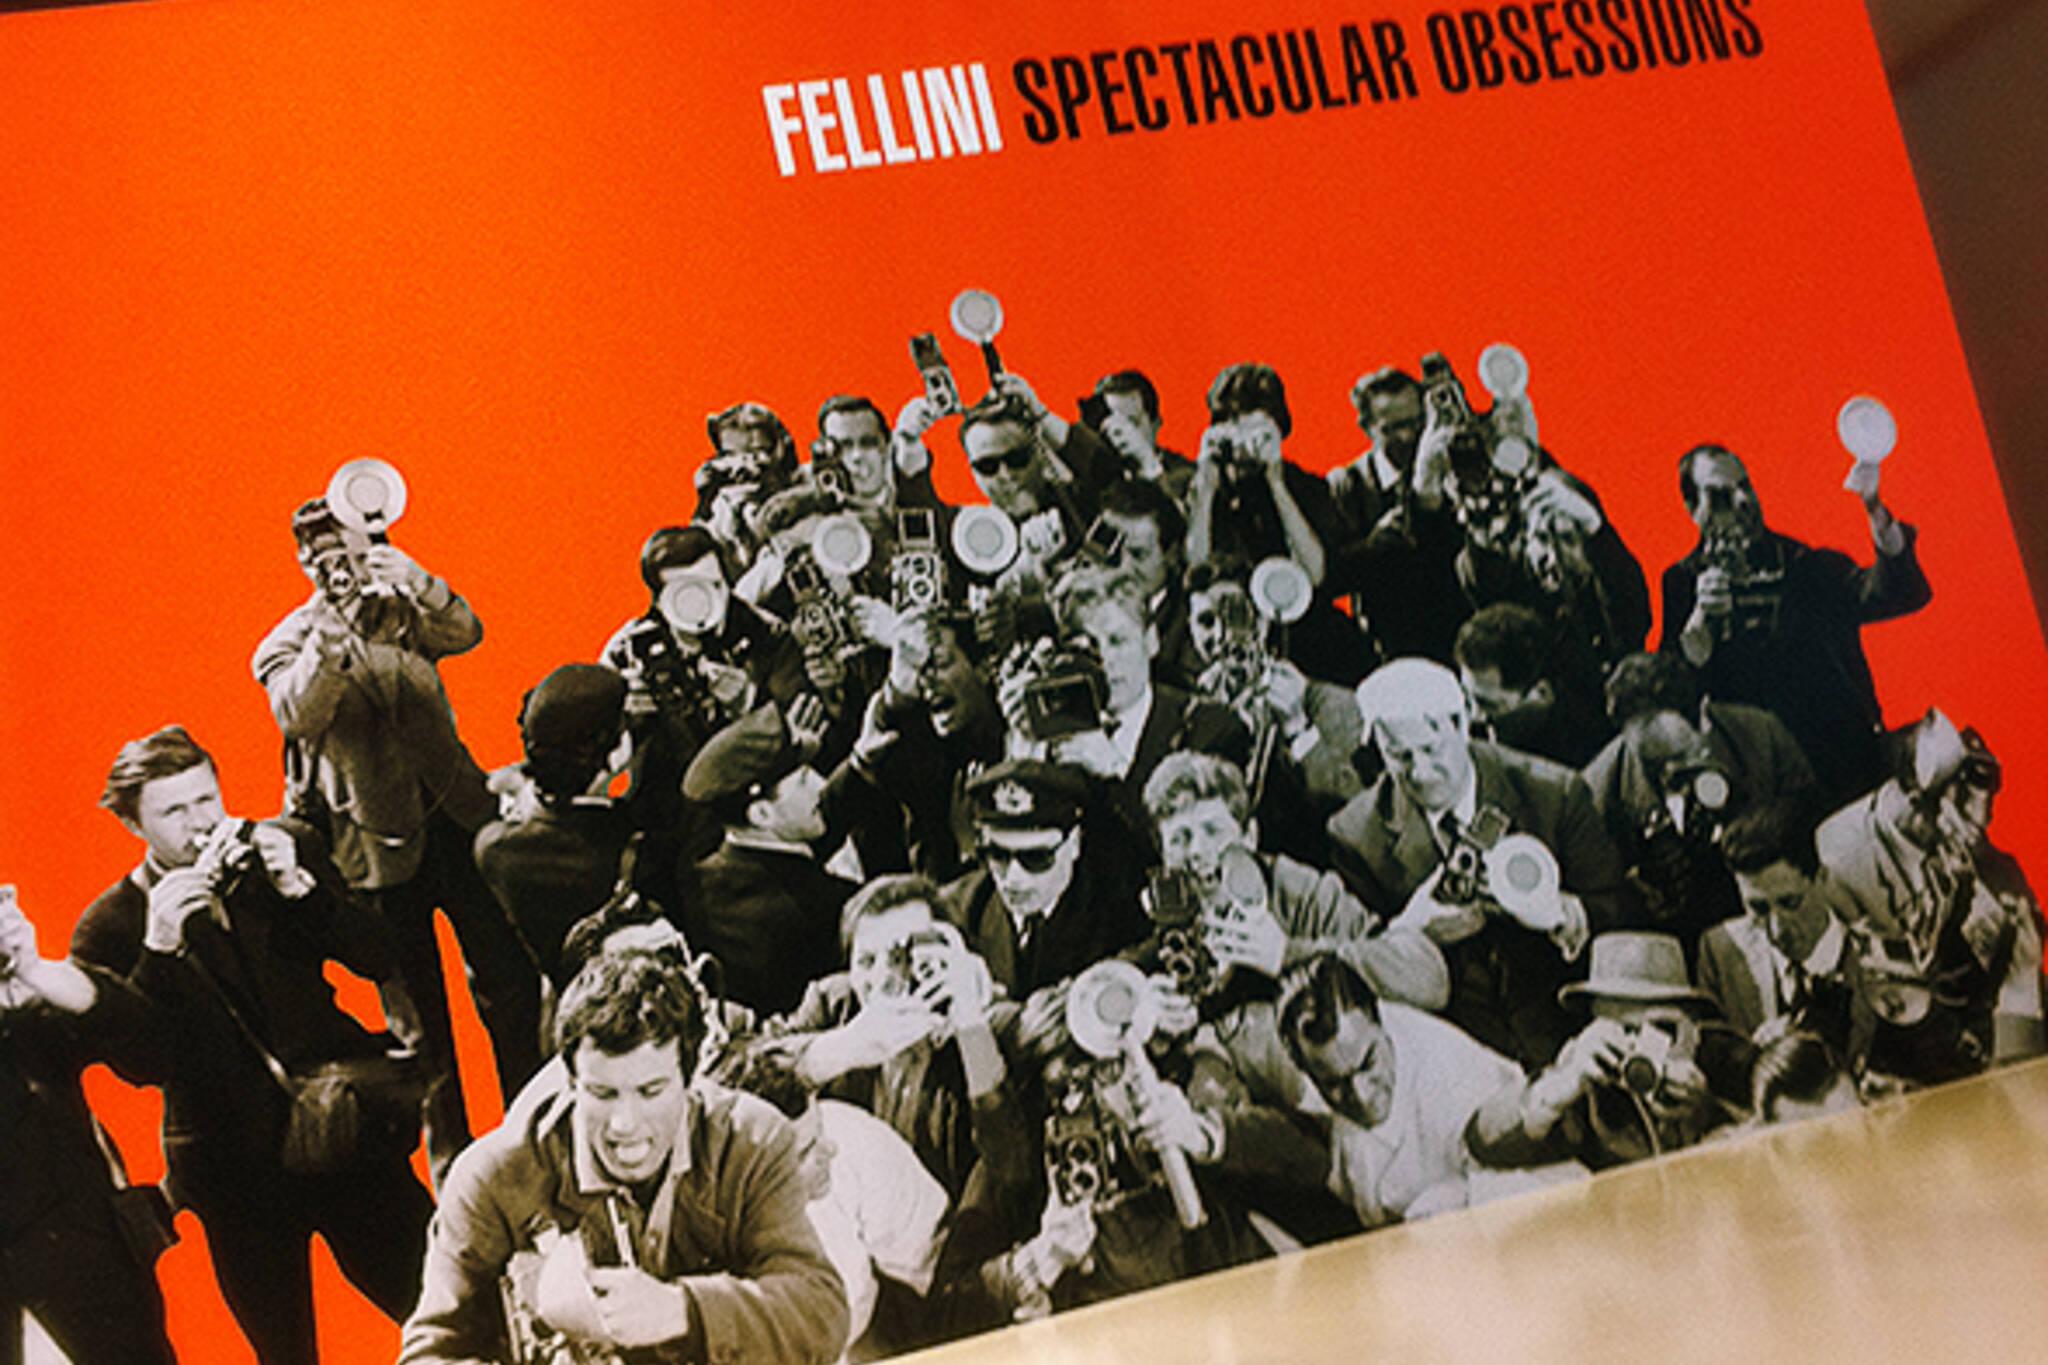 Fellini TIFF Lightbox